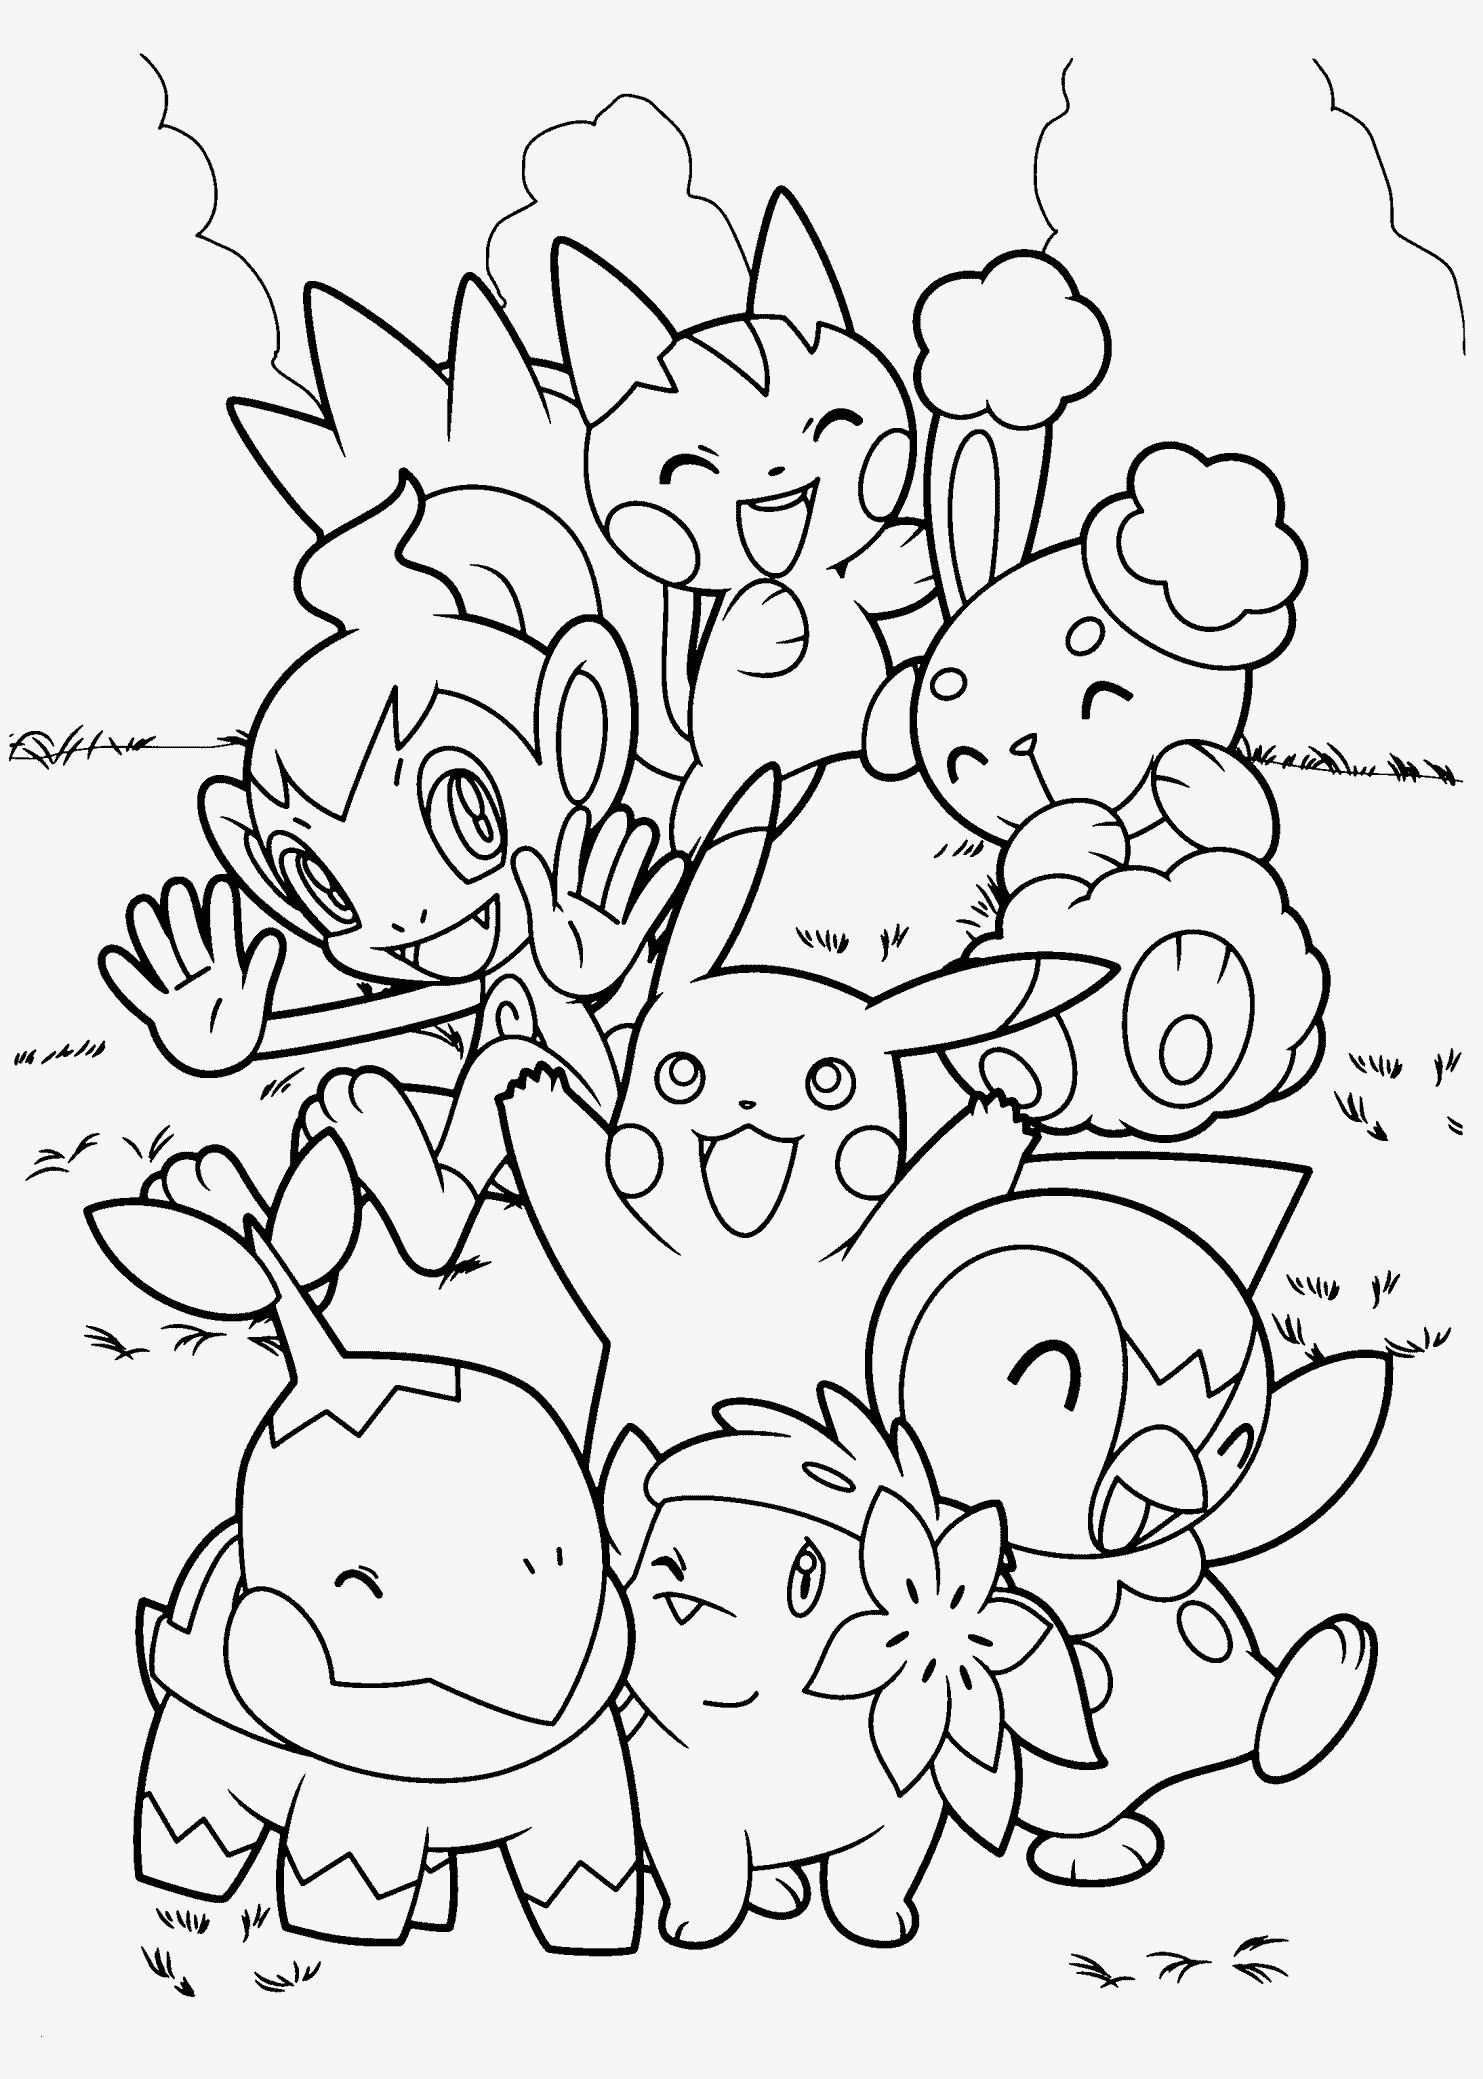 Kostenlose Ausmalbilder Pokemon Das Beste Von 40 Kostenlose Ausmalbilder Pokemon forstergallery Sammlung